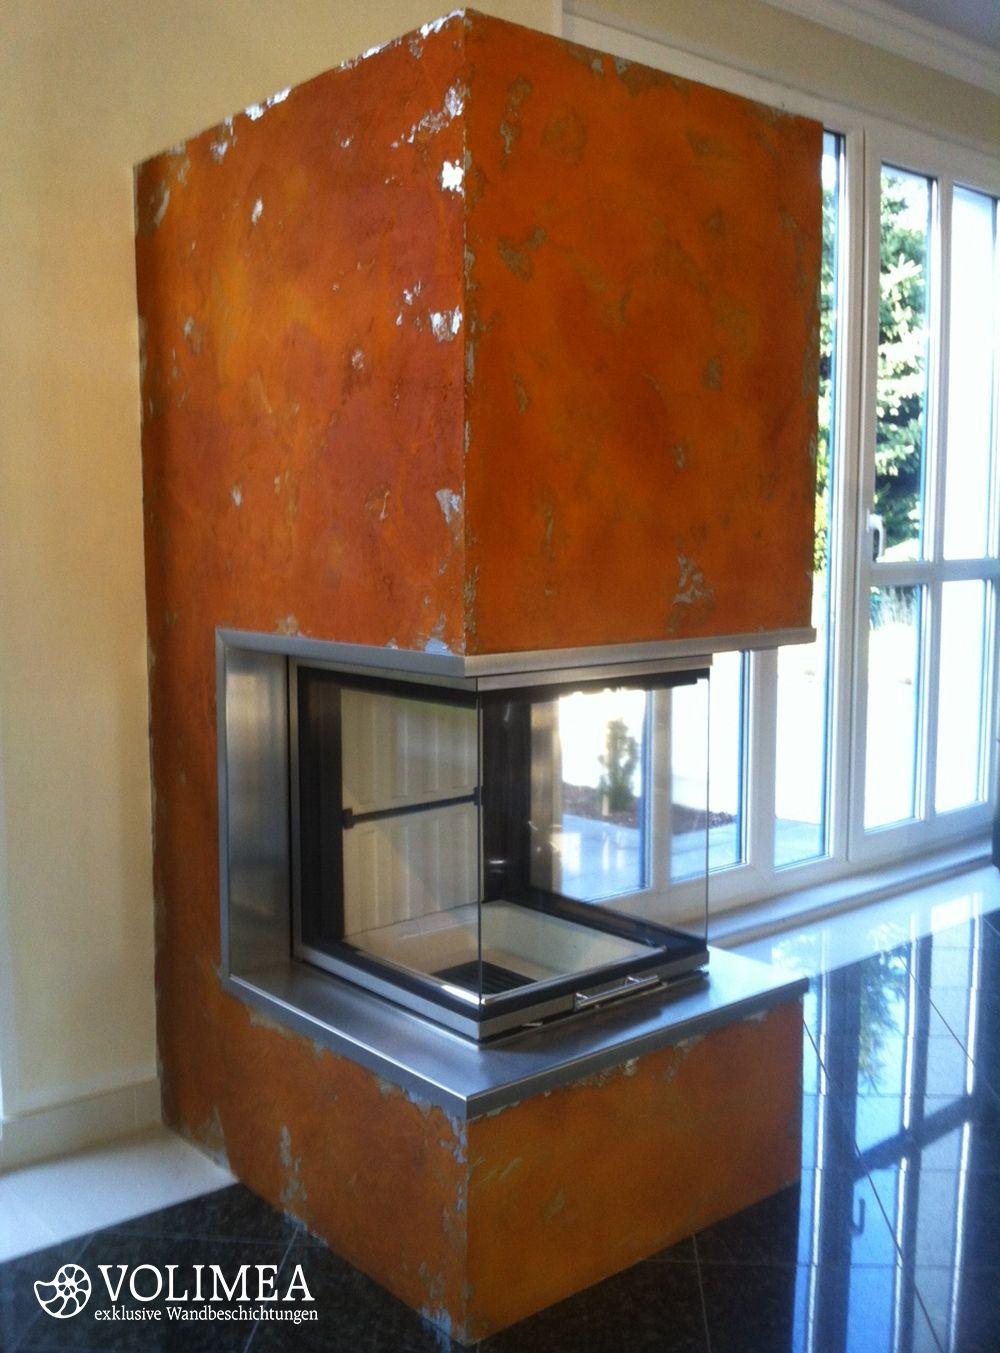 kaminverkleidung modern kamin selber bauen fachhandel und handwerk f r kamine. Black Bedroom Furniture Sets. Home Design Ideas